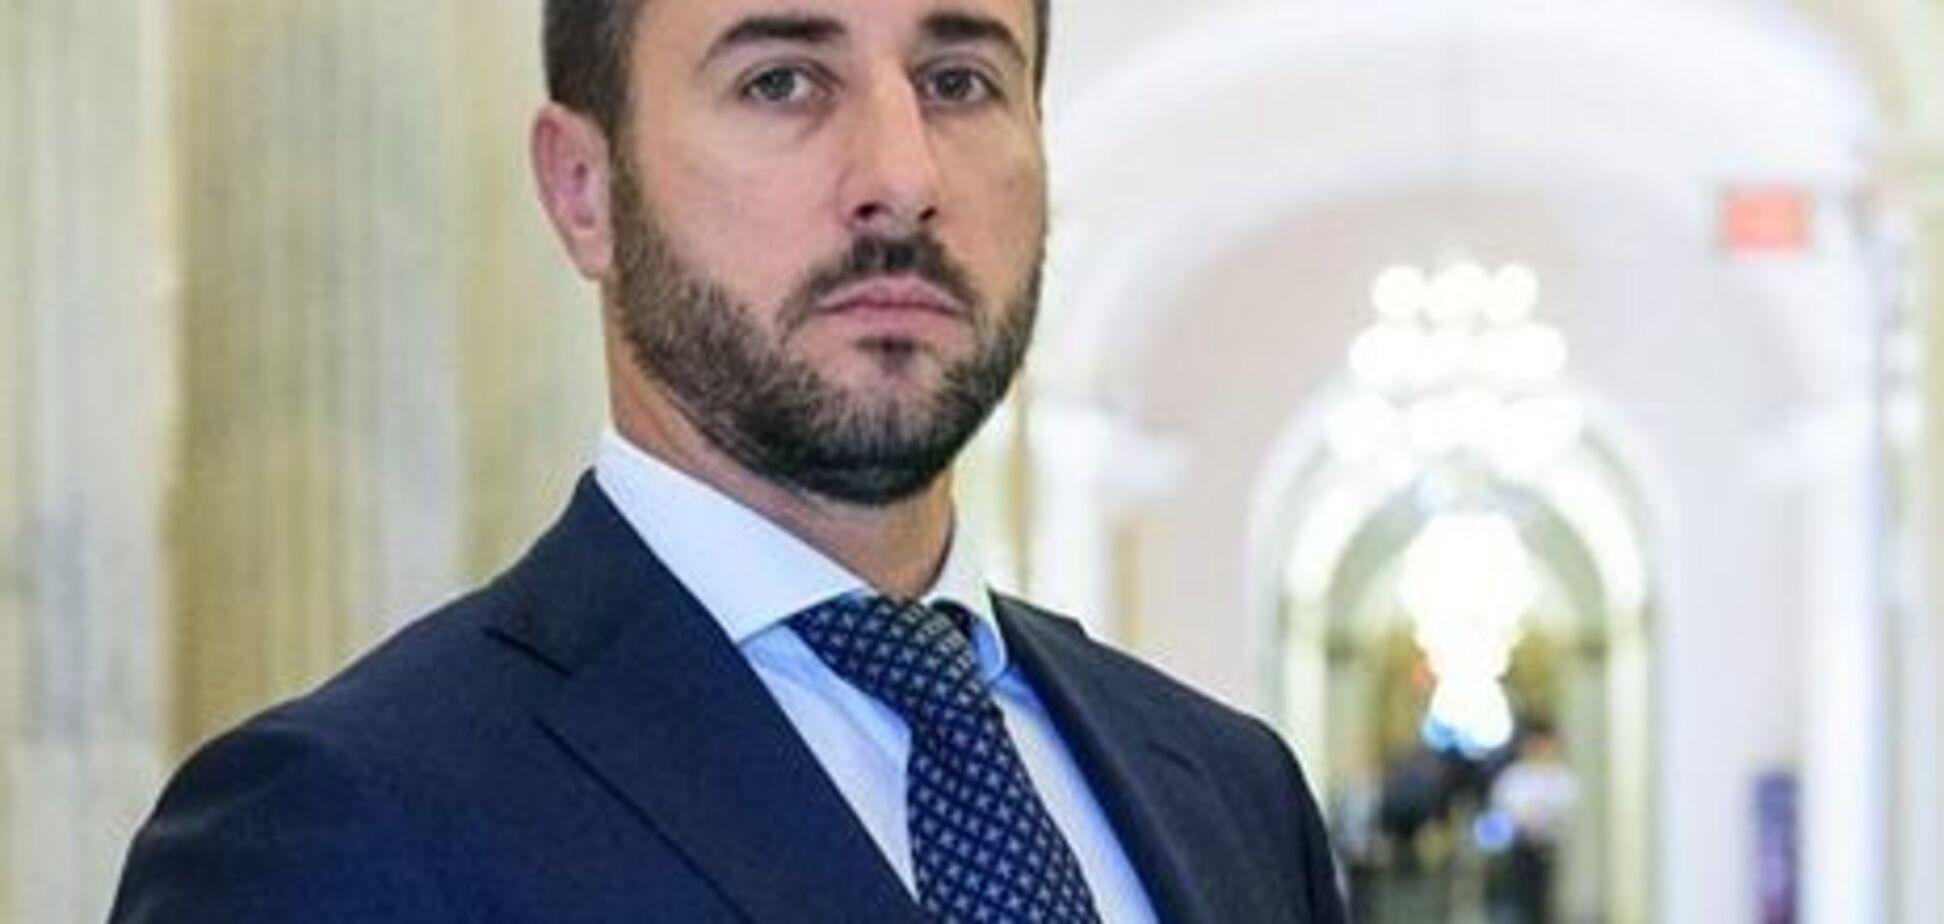 Народный депутат обещает защищать интересы дочери, которую ему не дают видеть 5 лет